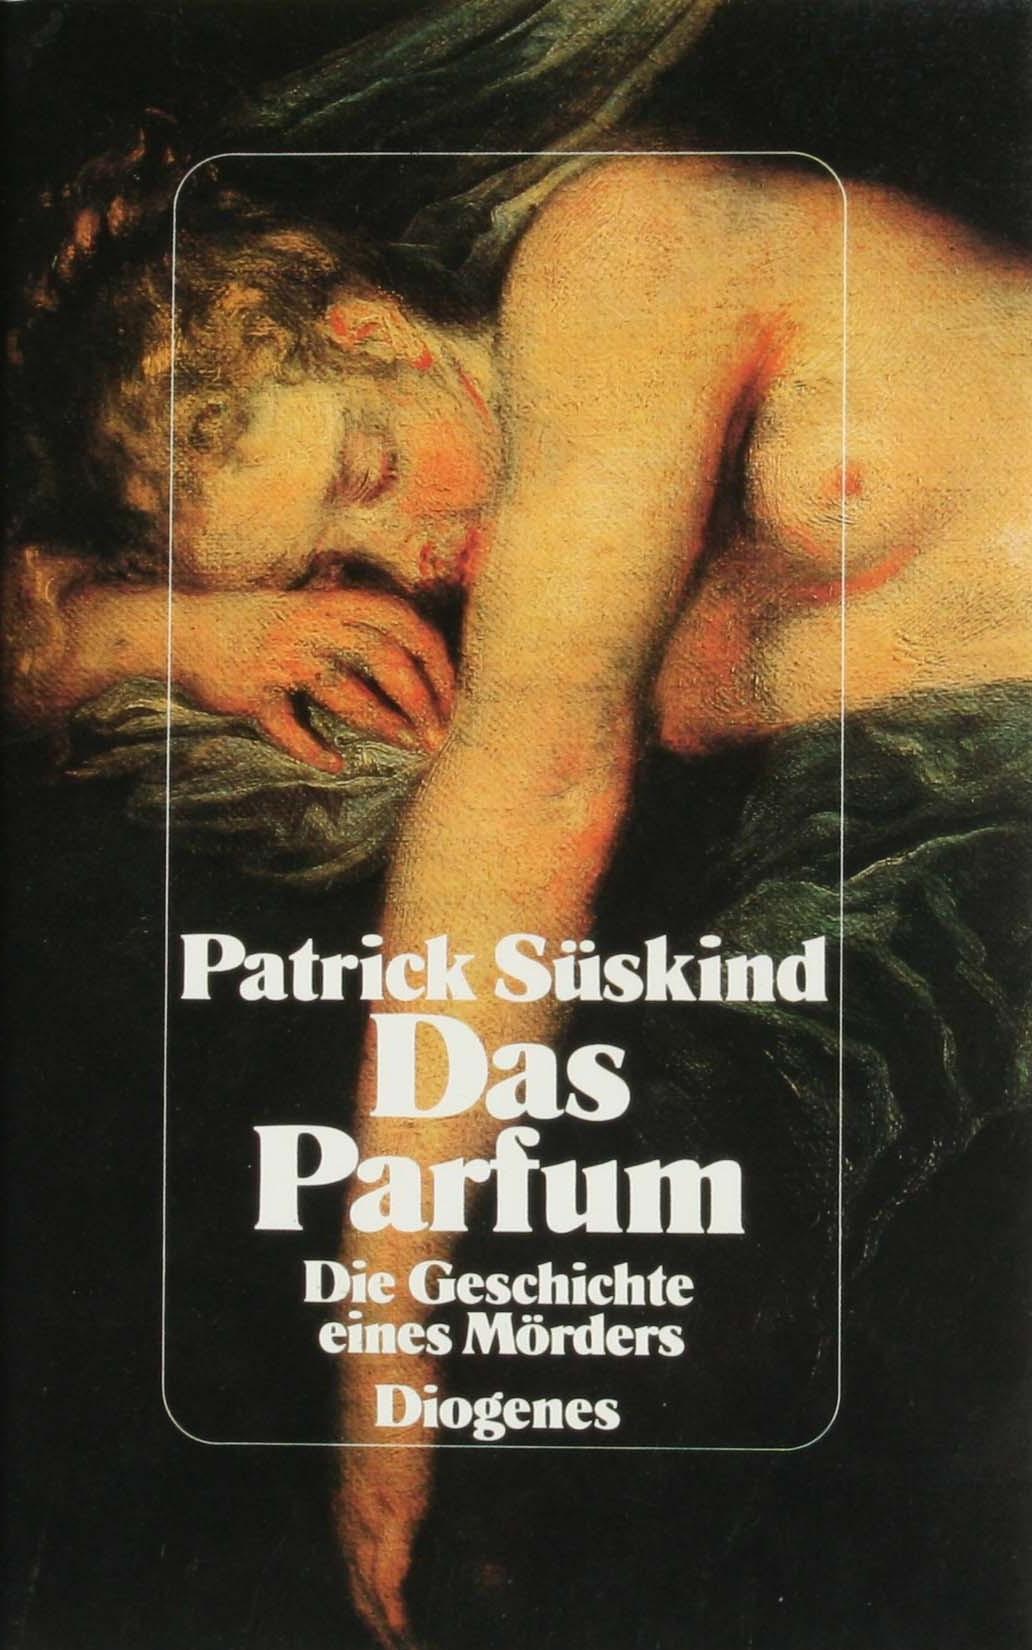 Patrick Suskind Das Parfum first edition